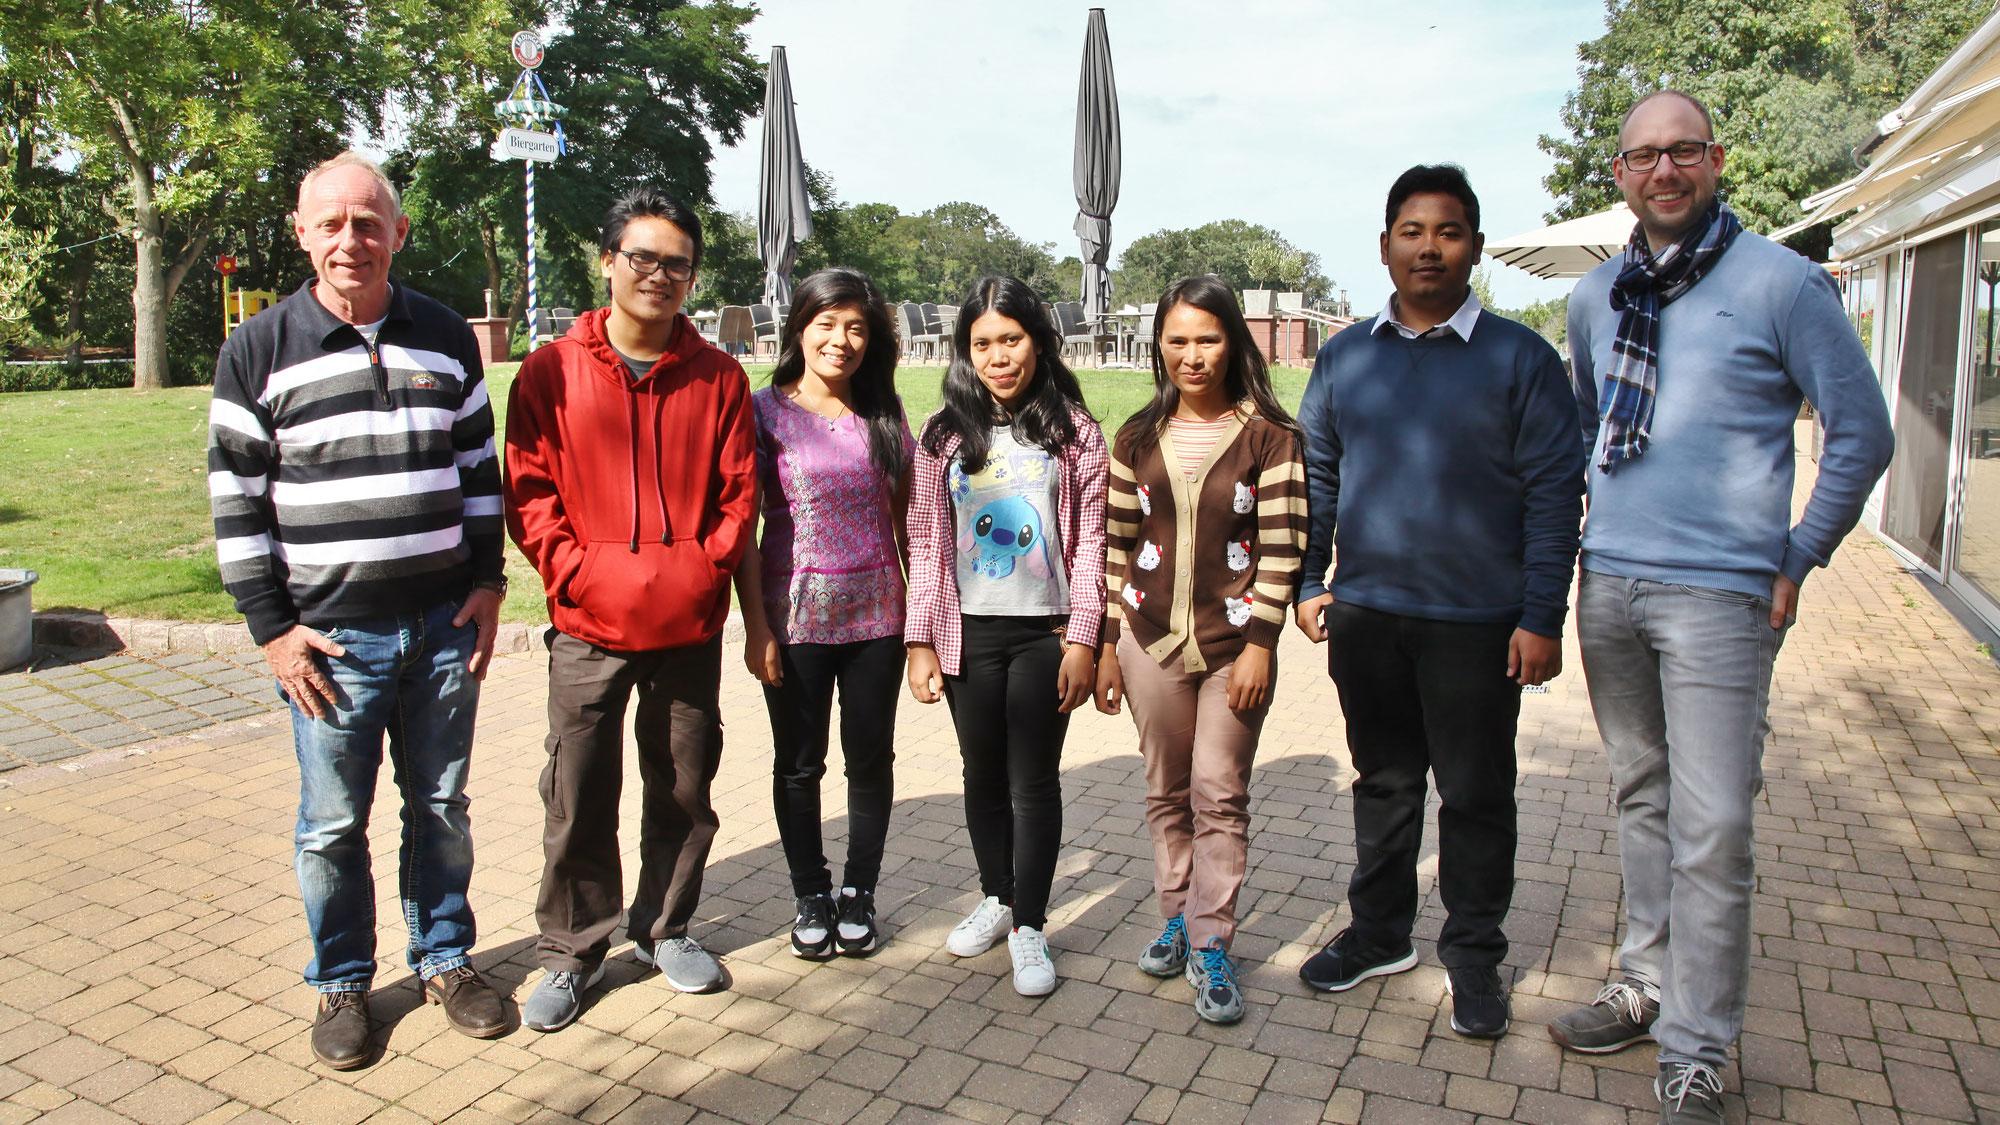 Fünf indonesische Azubis im Acamed Resort Neugattersleben begrüßt